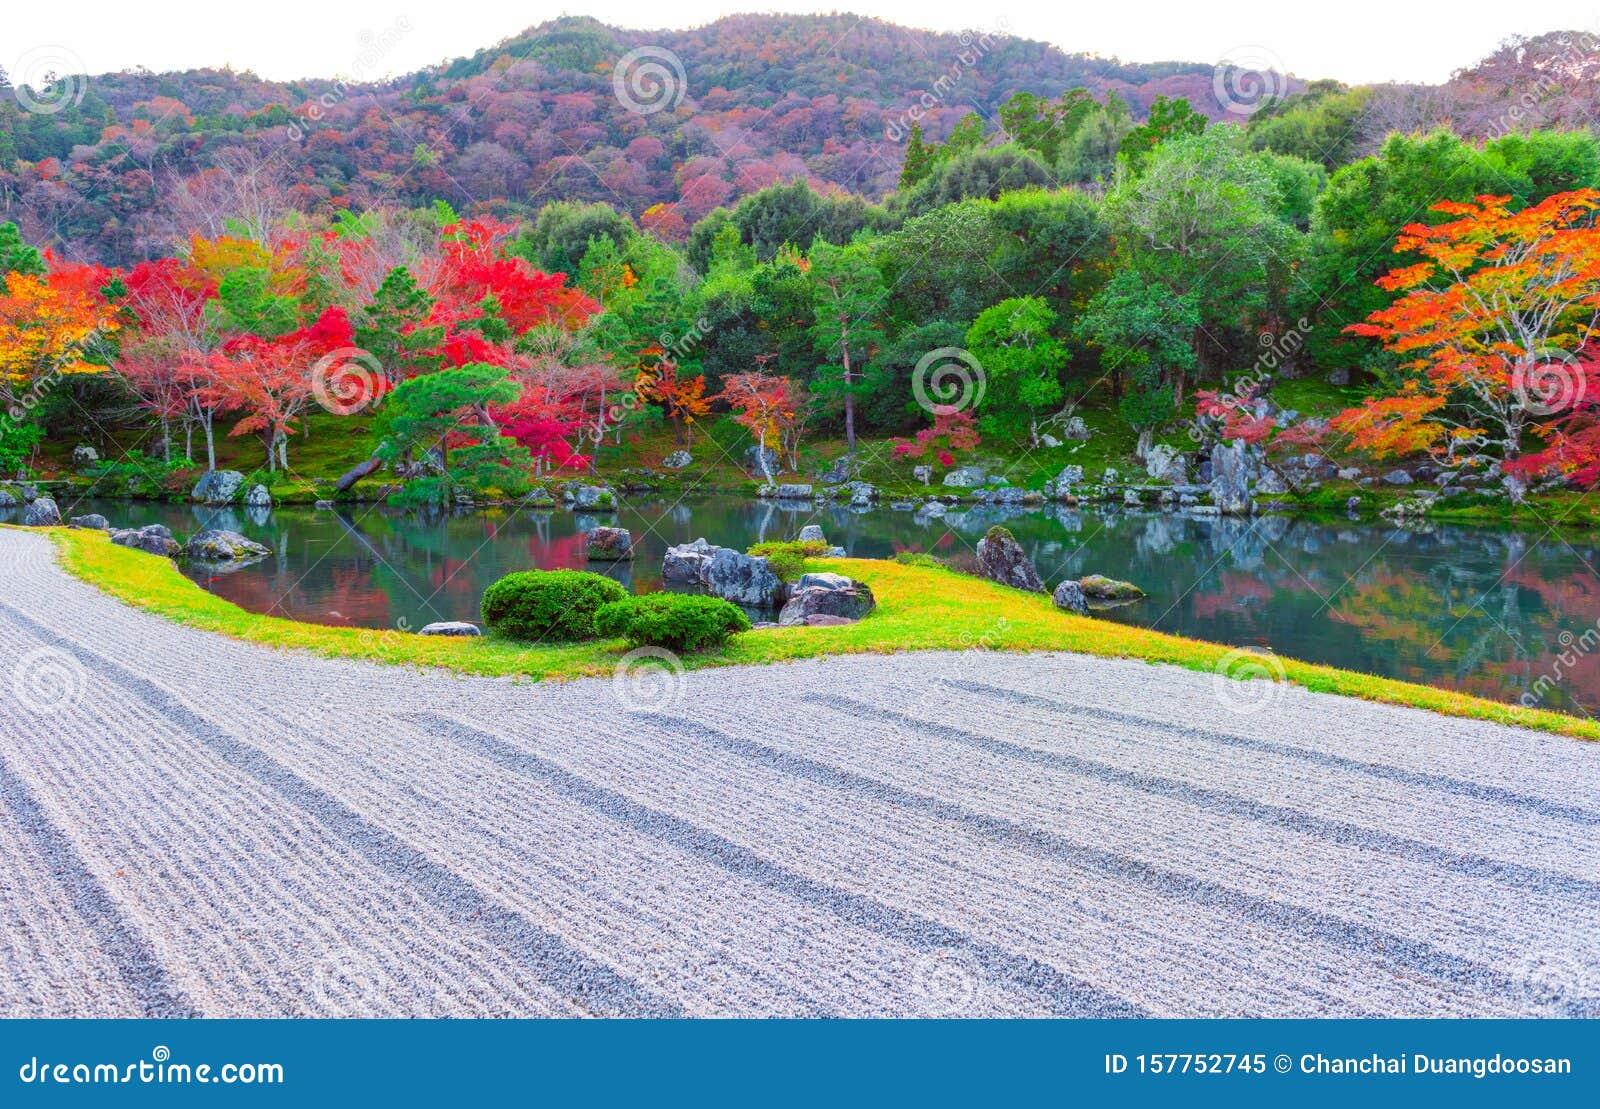 Autumn at Tenryuji temple